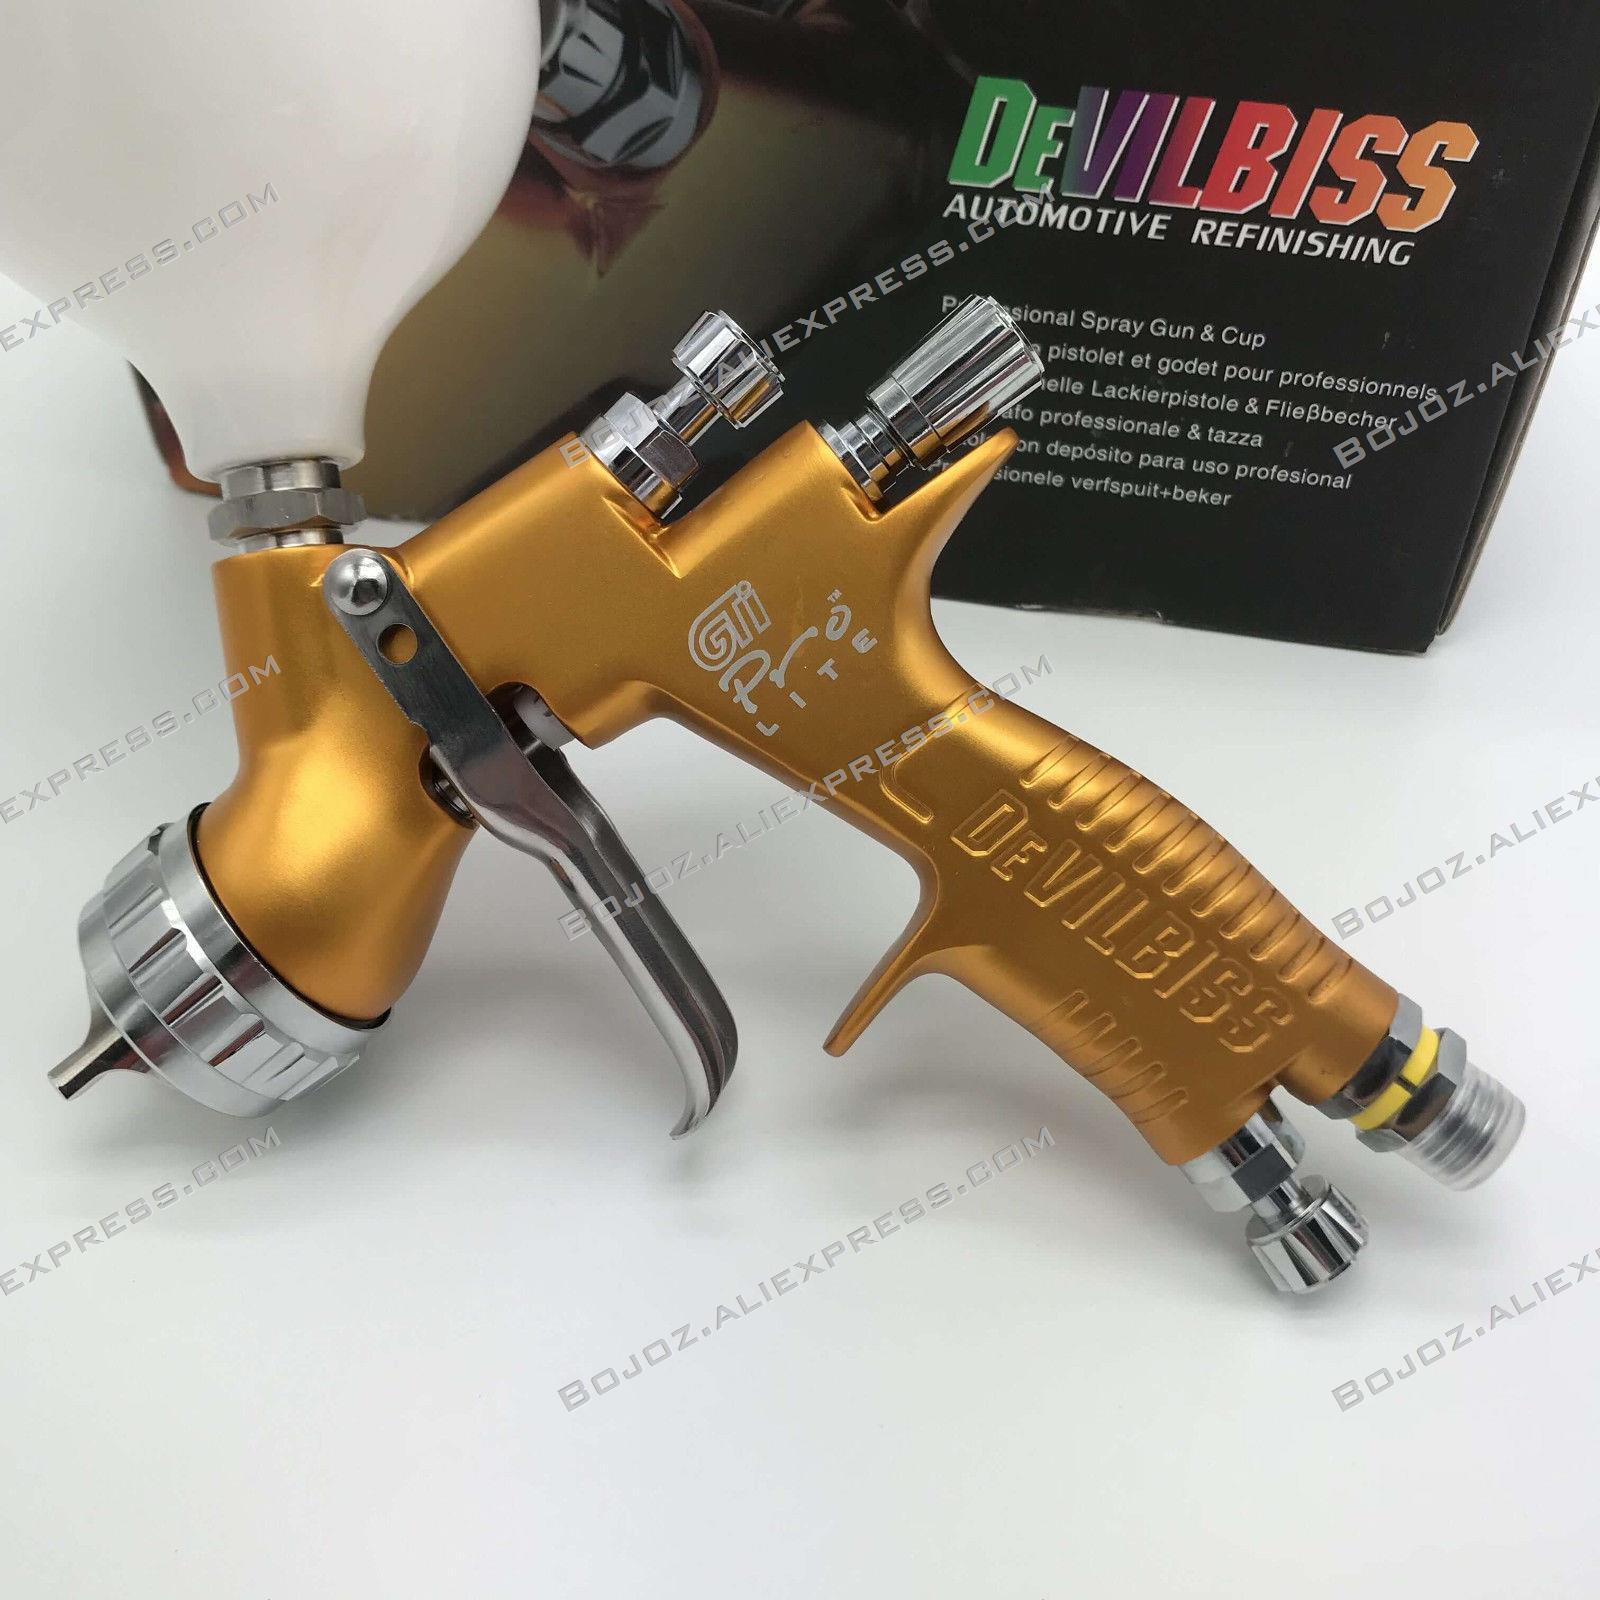 Professionnel Sparyer GTI PRO LITE OR/NOIR 1.3mm buse w/t tasse LVMP Peinture De Voiture Outil Pistolet Pistolet protection de l'environnement